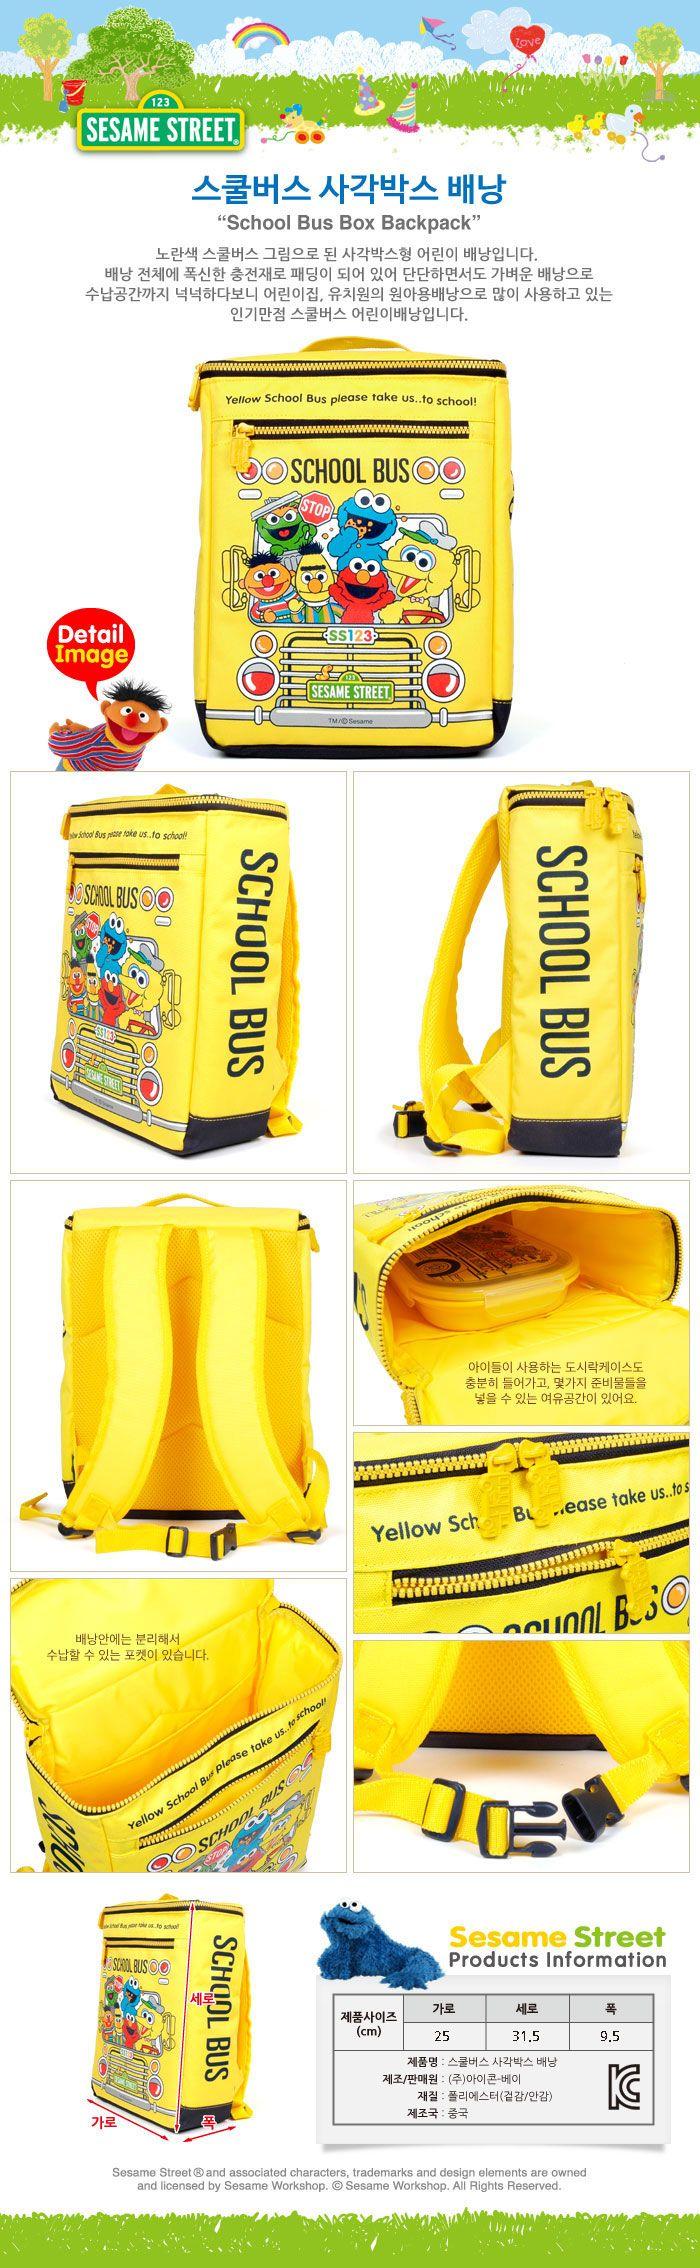 School Bus kids Box Backpack